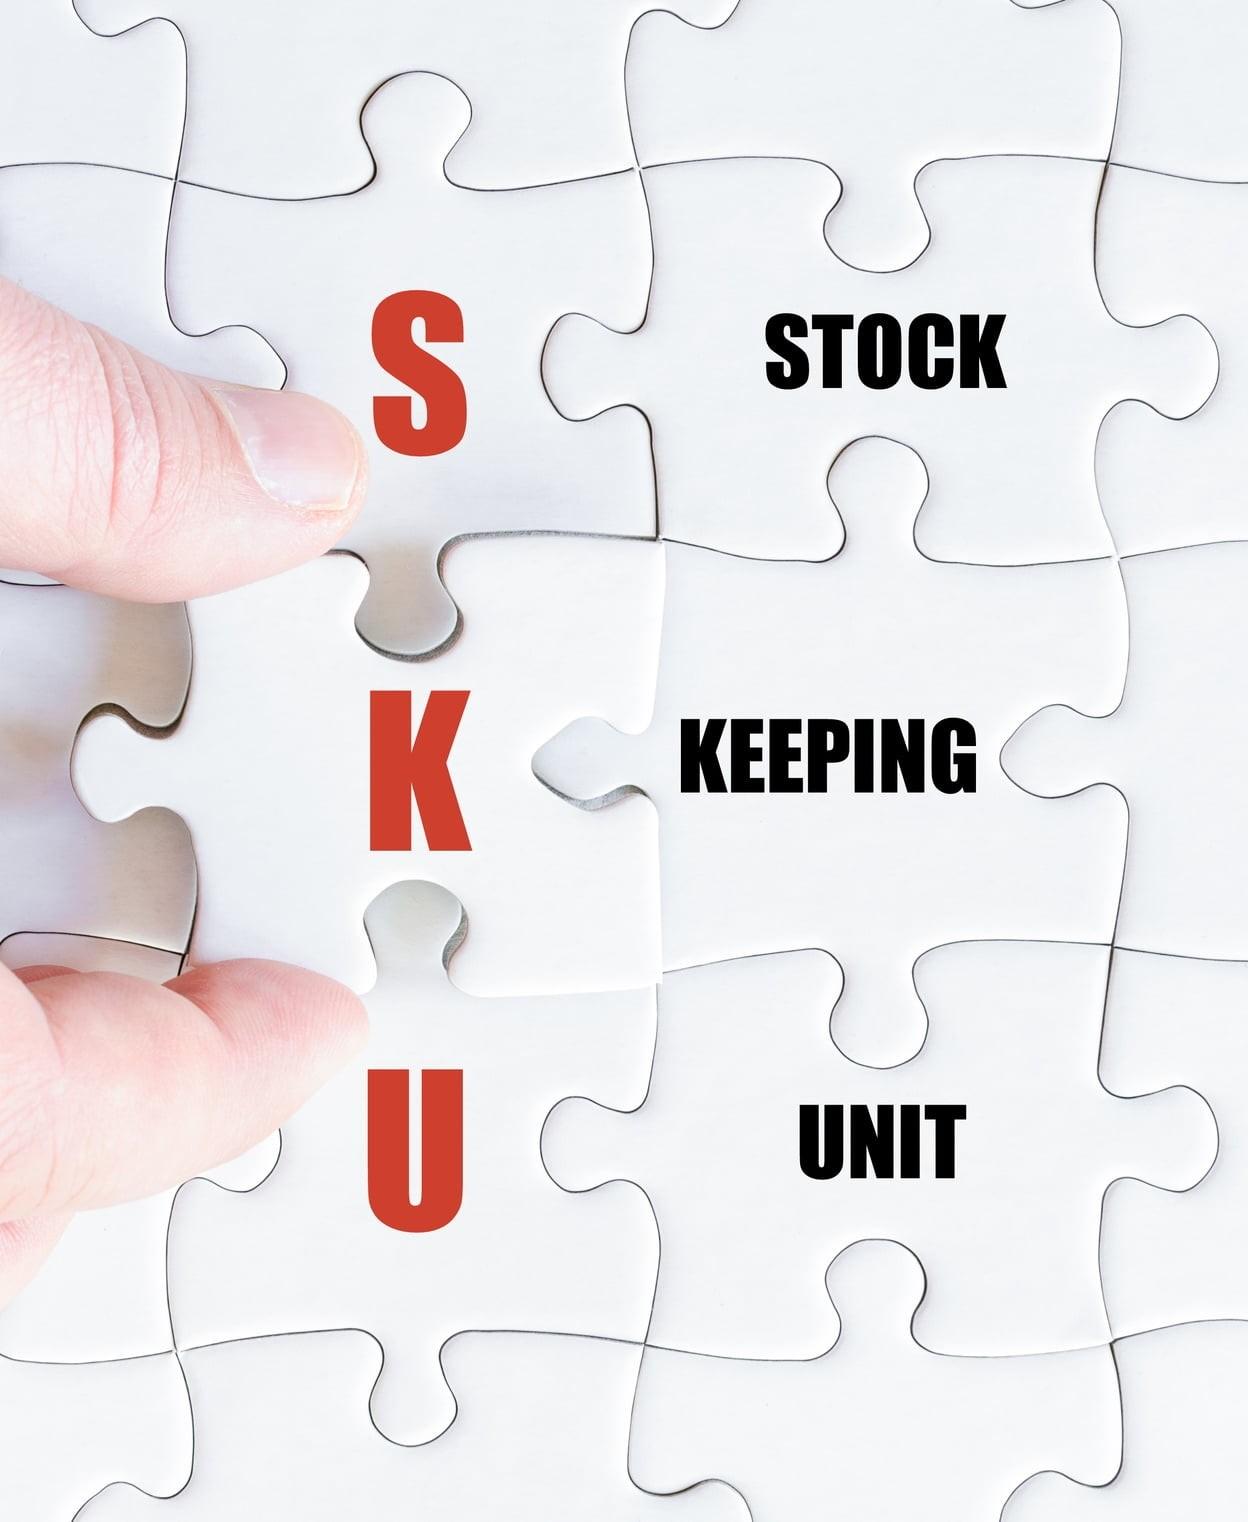 Key Uses for SKUs